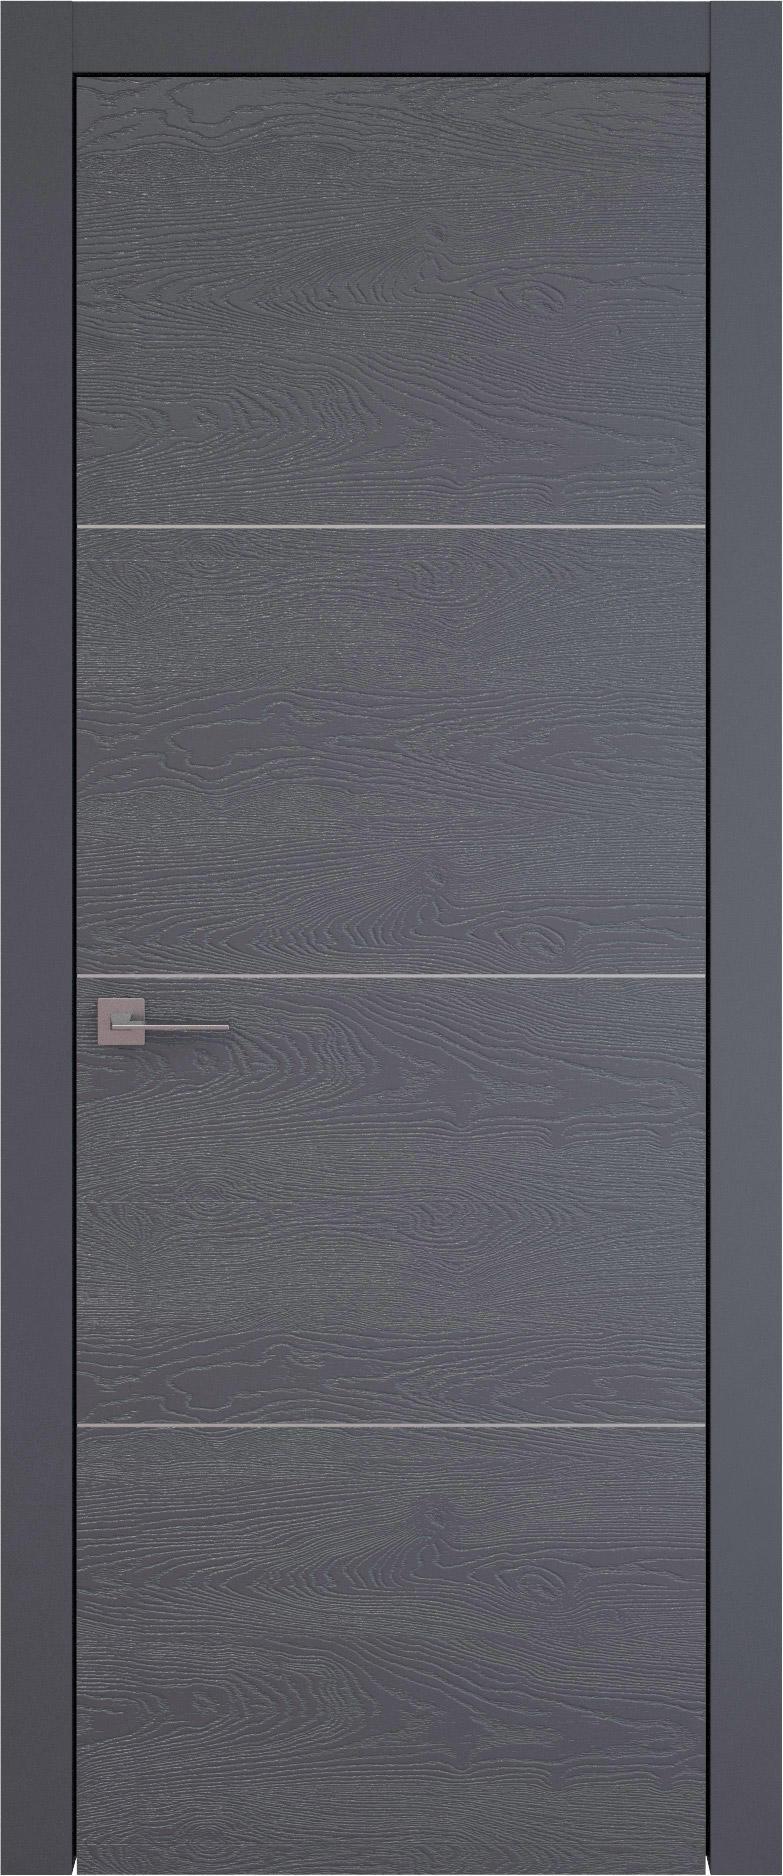 Tivoli Г-2 цвет - Графитово-серая эмаль по шпону (RAL 7024) Без стекла (ДГ)